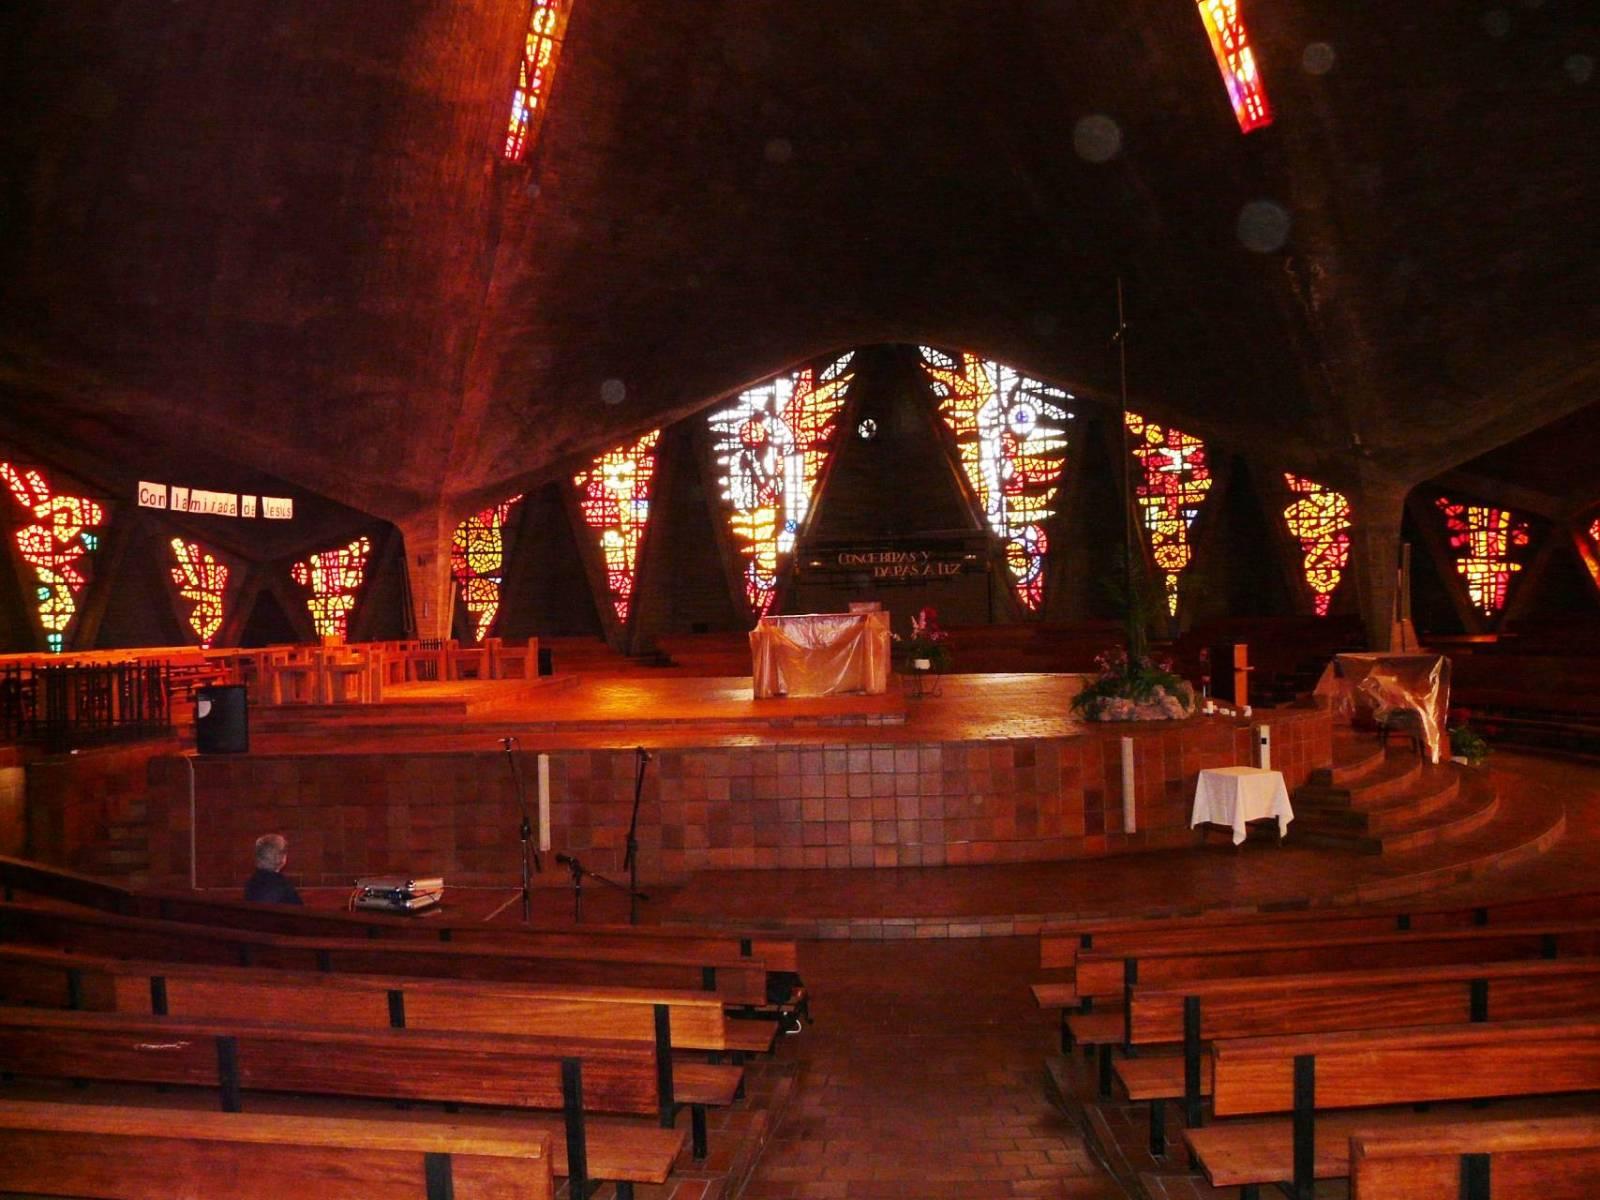 Interior de la iglesia donde se aprecia la iluminación a través de las vidrieras. Por N. López